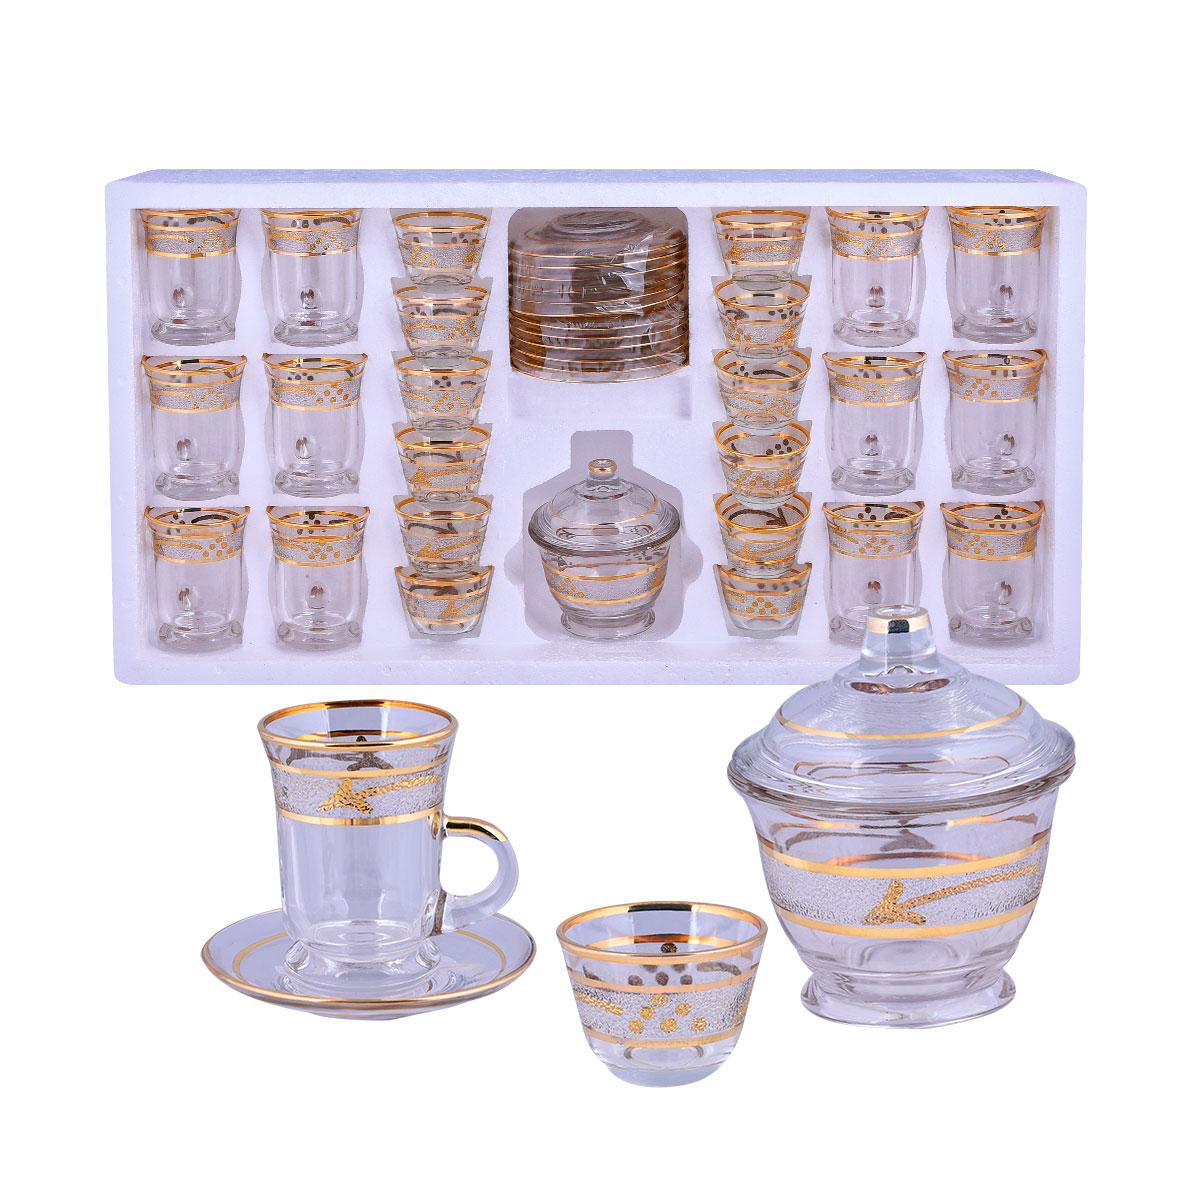 طقم فناجين قهوة وبيالات شاي زجاج  37 قطعة مع الصحون وسكرية رقم 0011